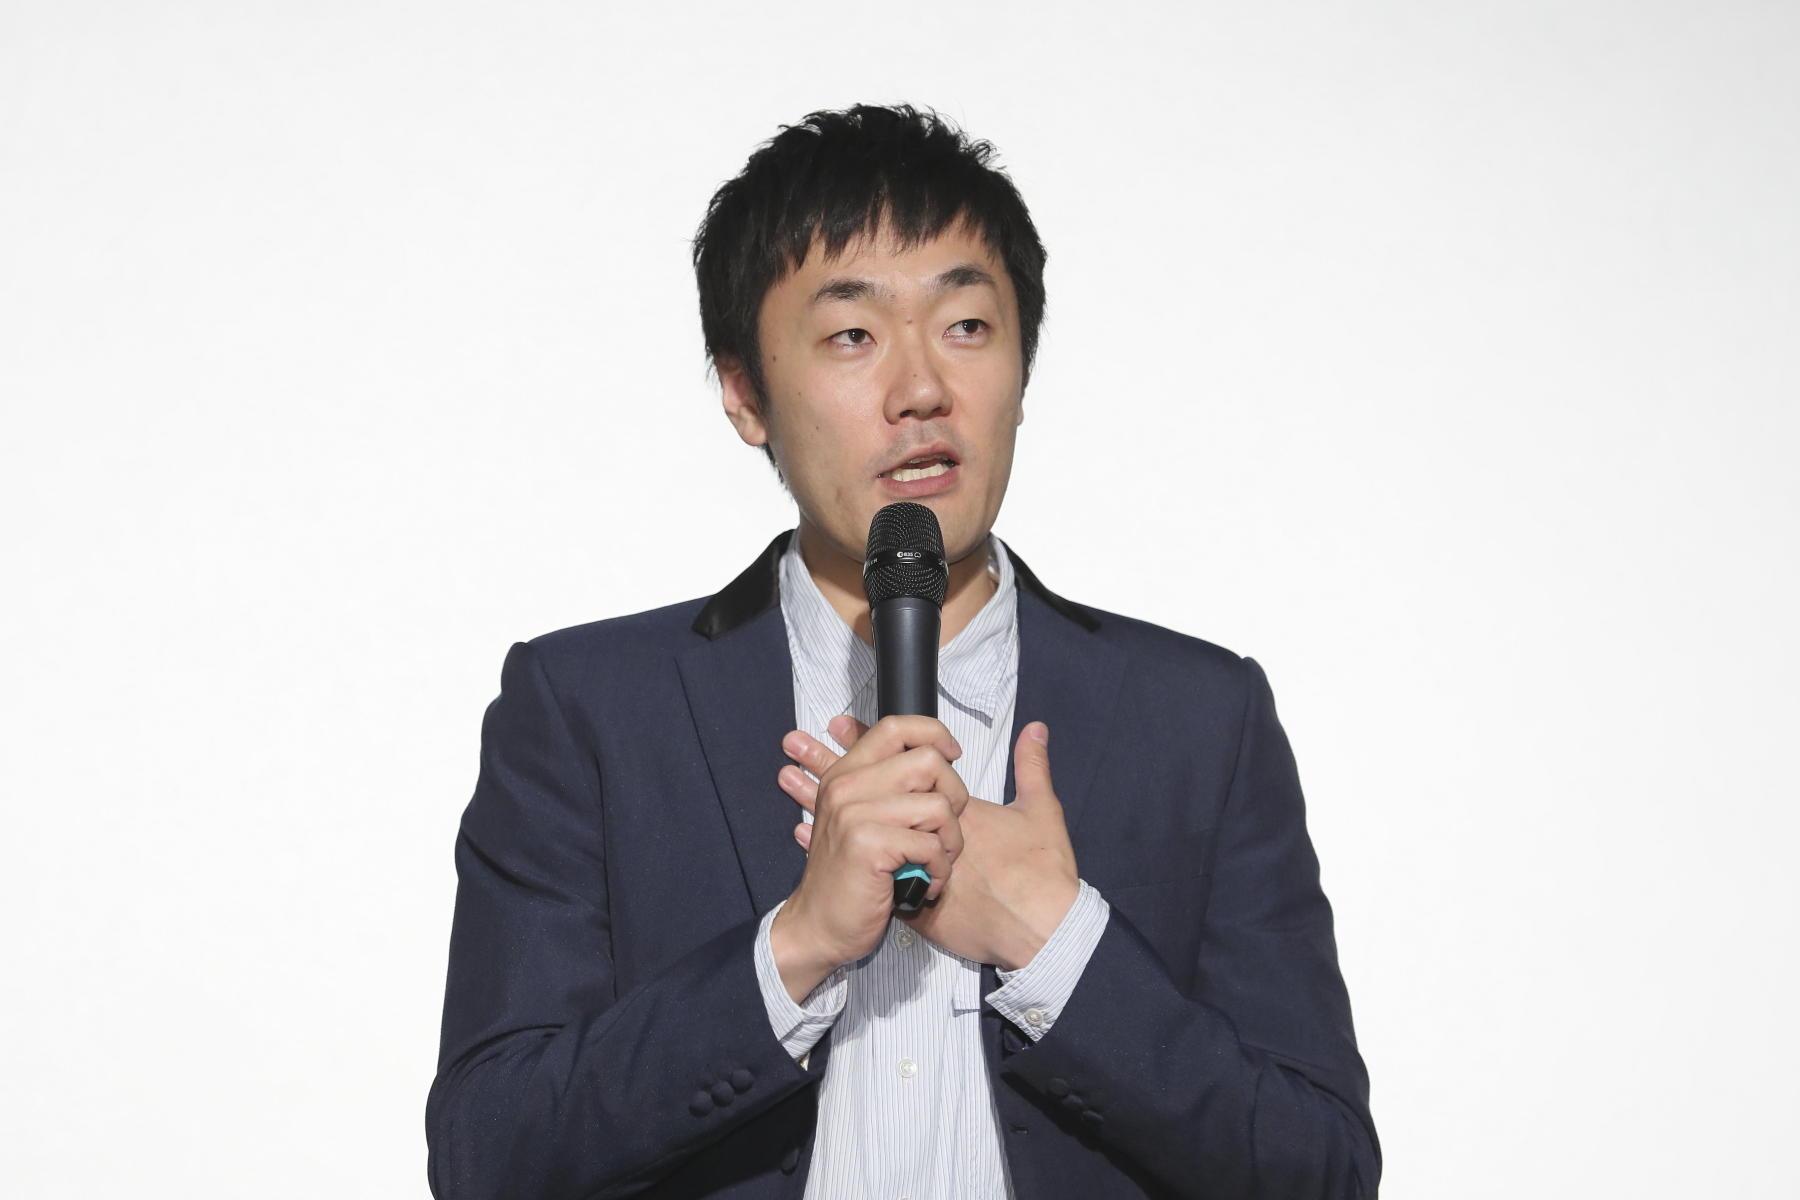 http://news.yoshimoto.co.jp/20180525161806-a20fe694c674876b71ac9364e22a6370d6b4f615.jpg